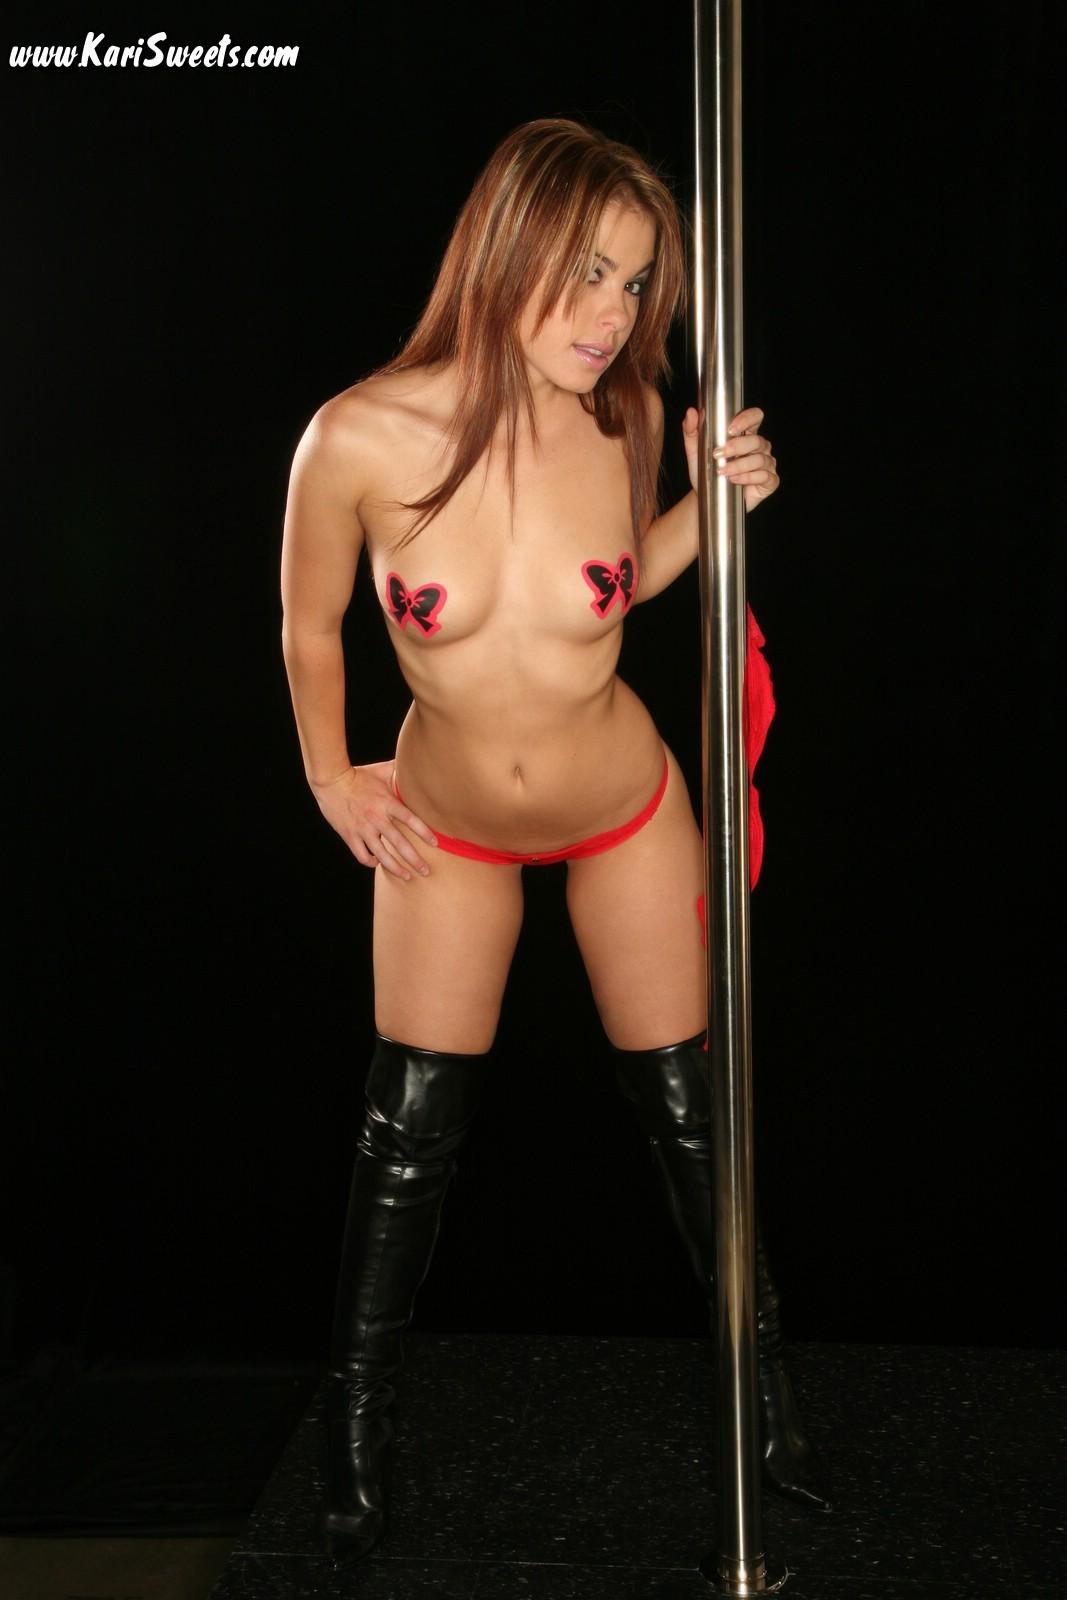 Син ебут мат порно просмотр бесплатно 14 фотография